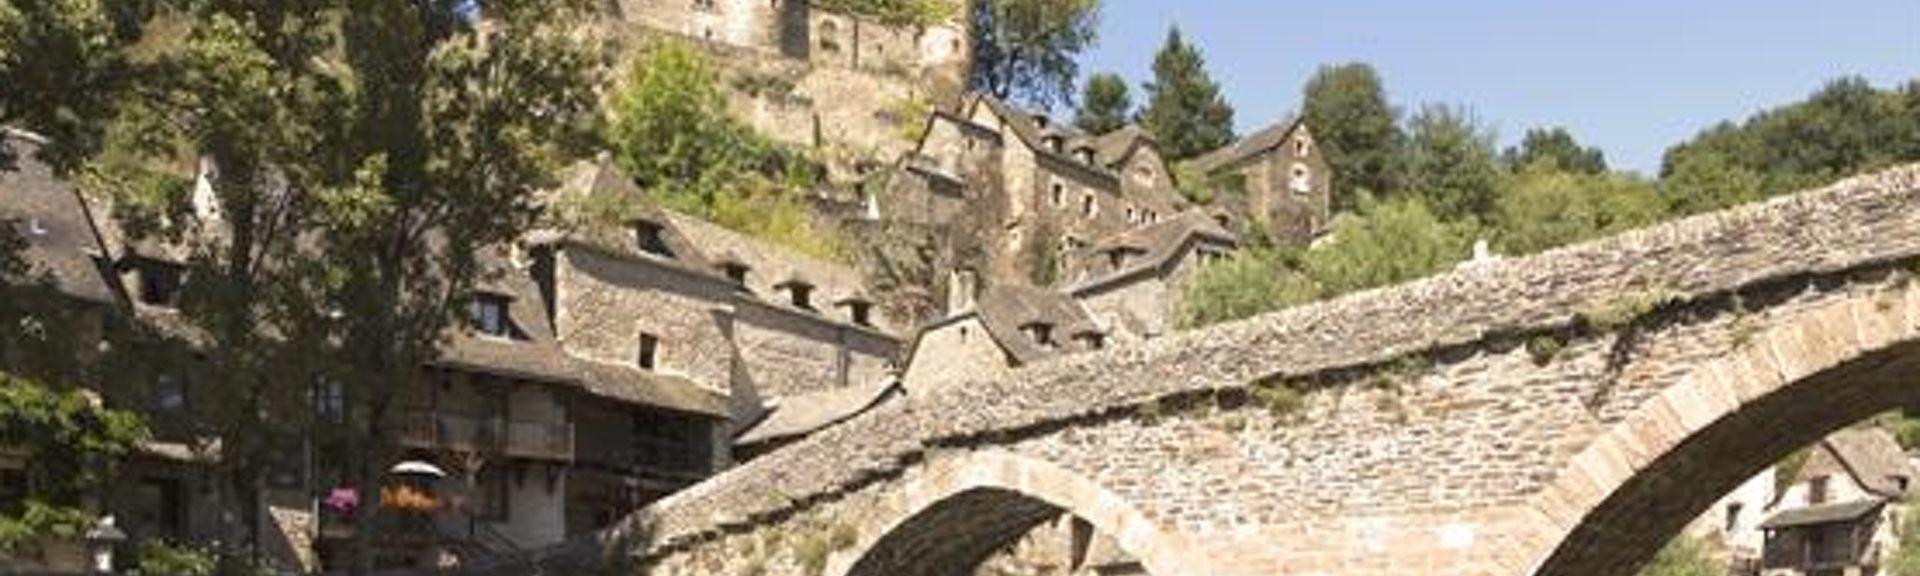 Rieupeyroux, Occitanie, Francja